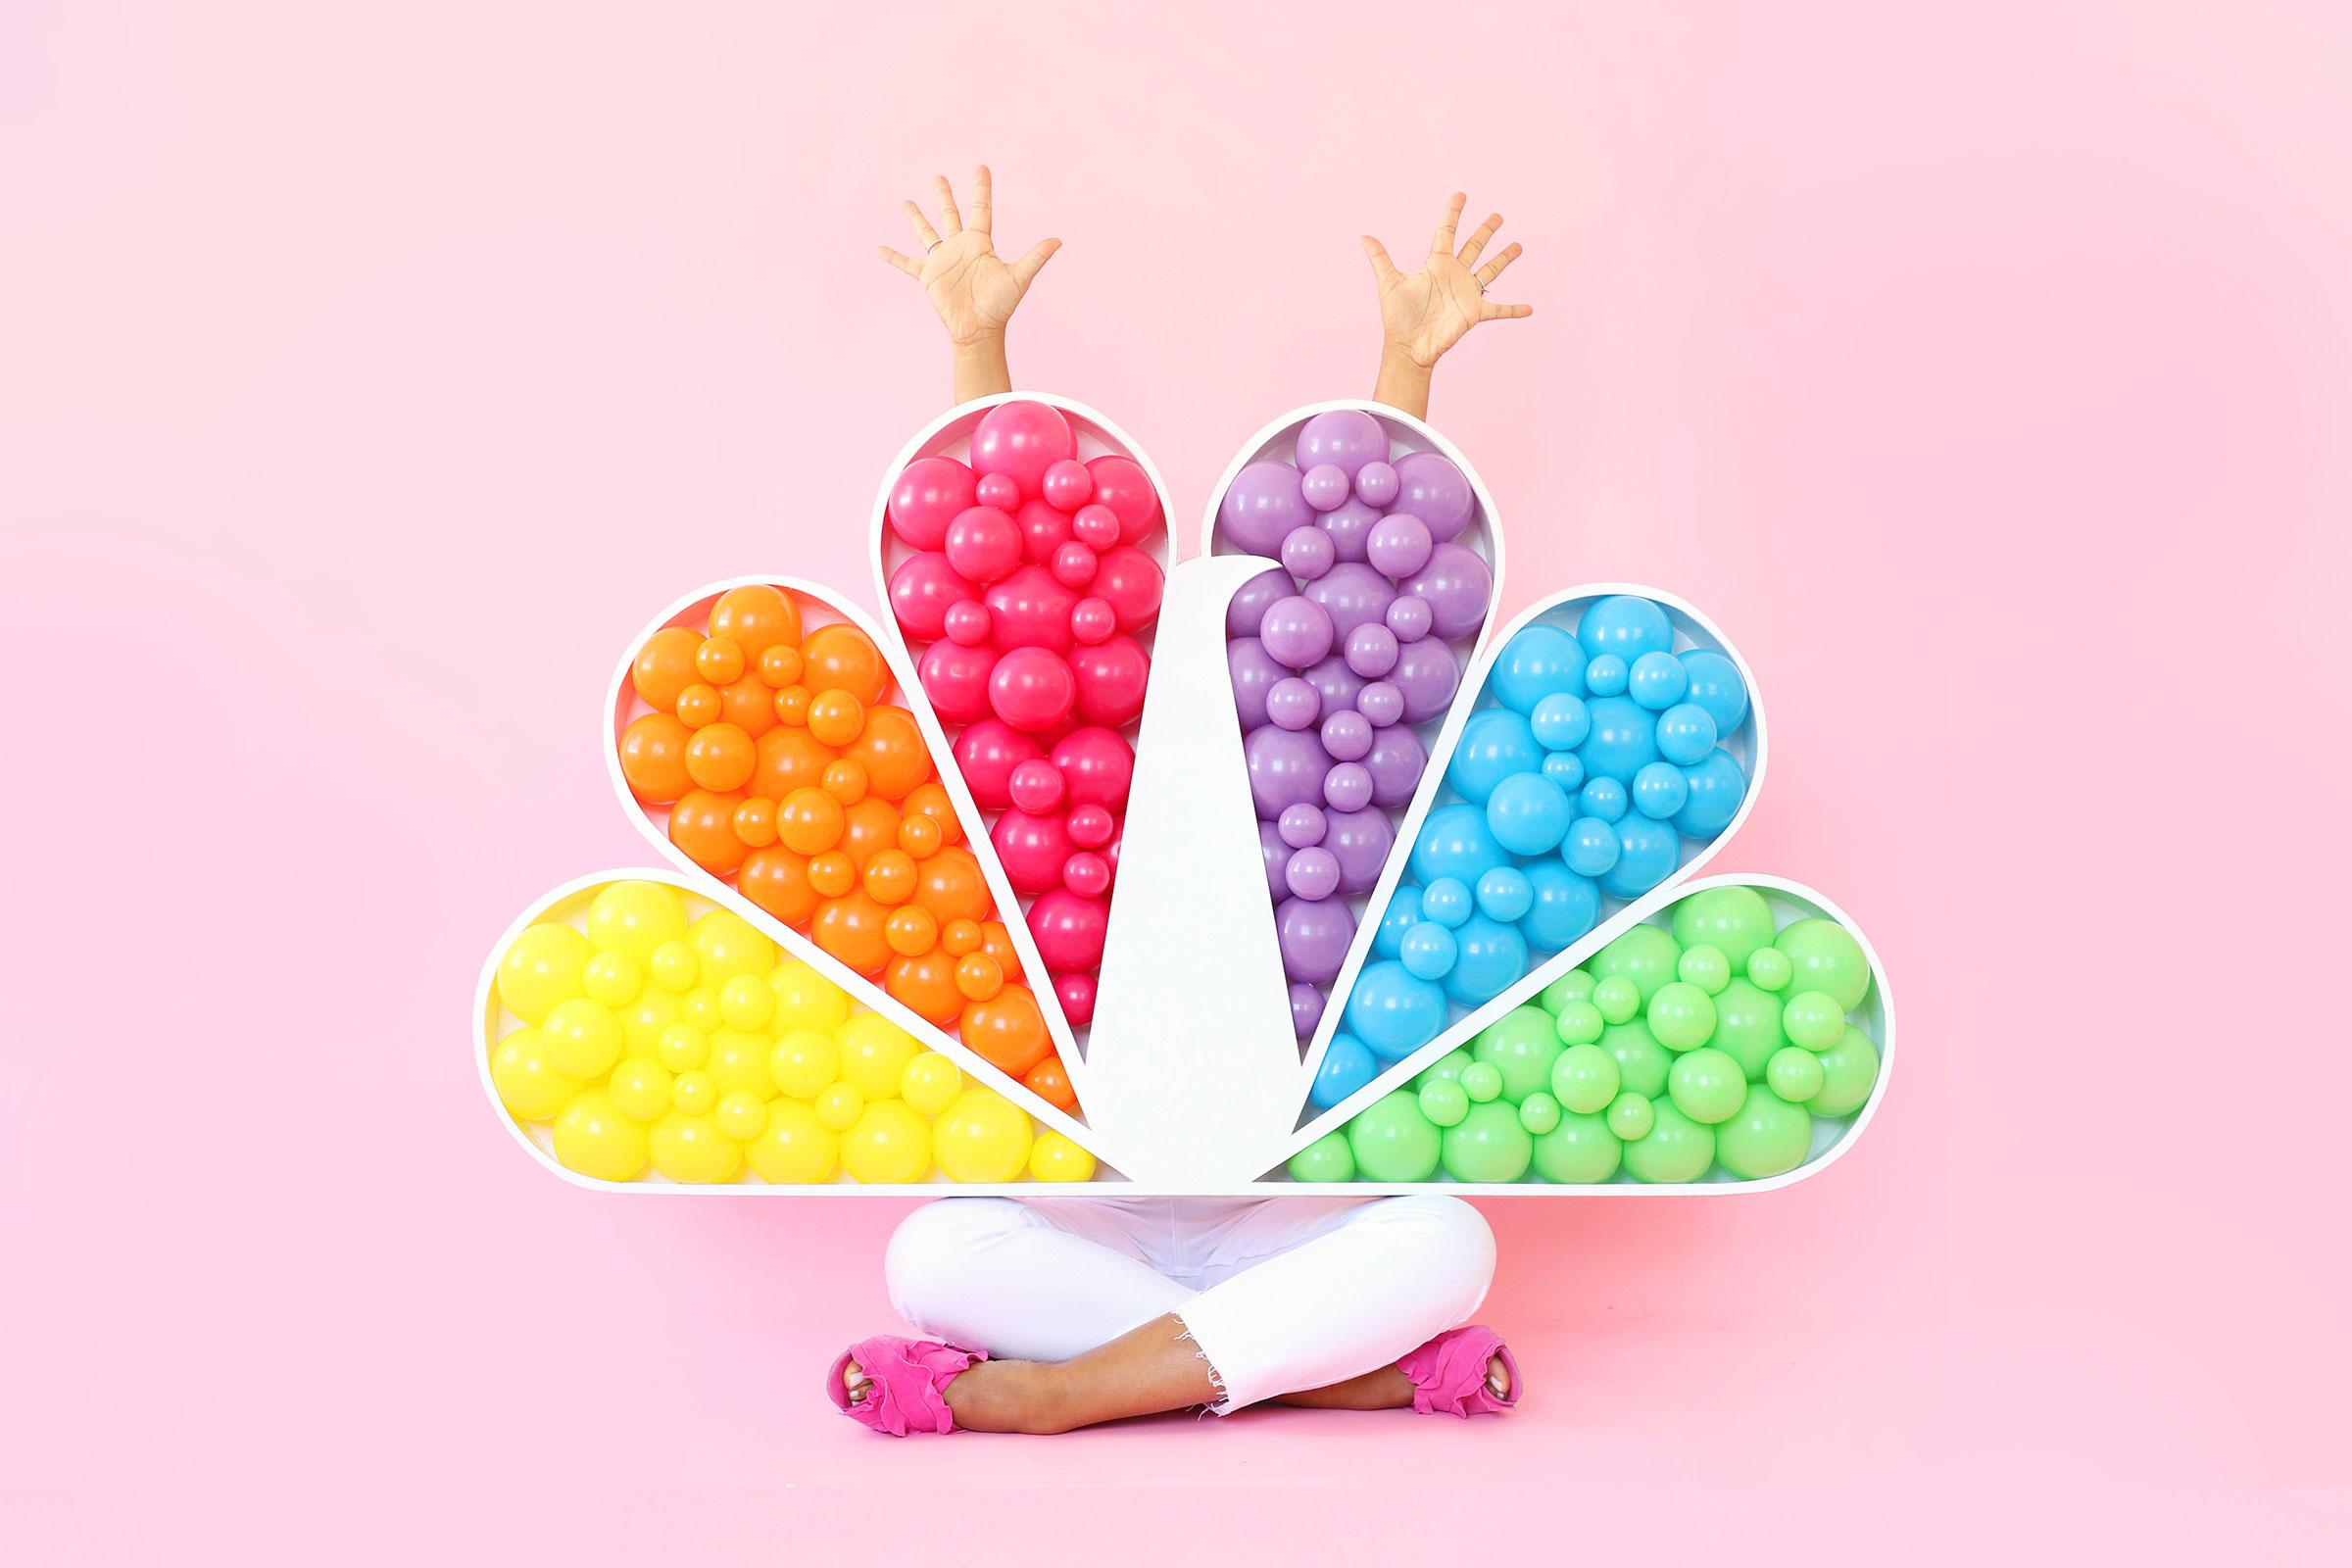 NBC's Making It